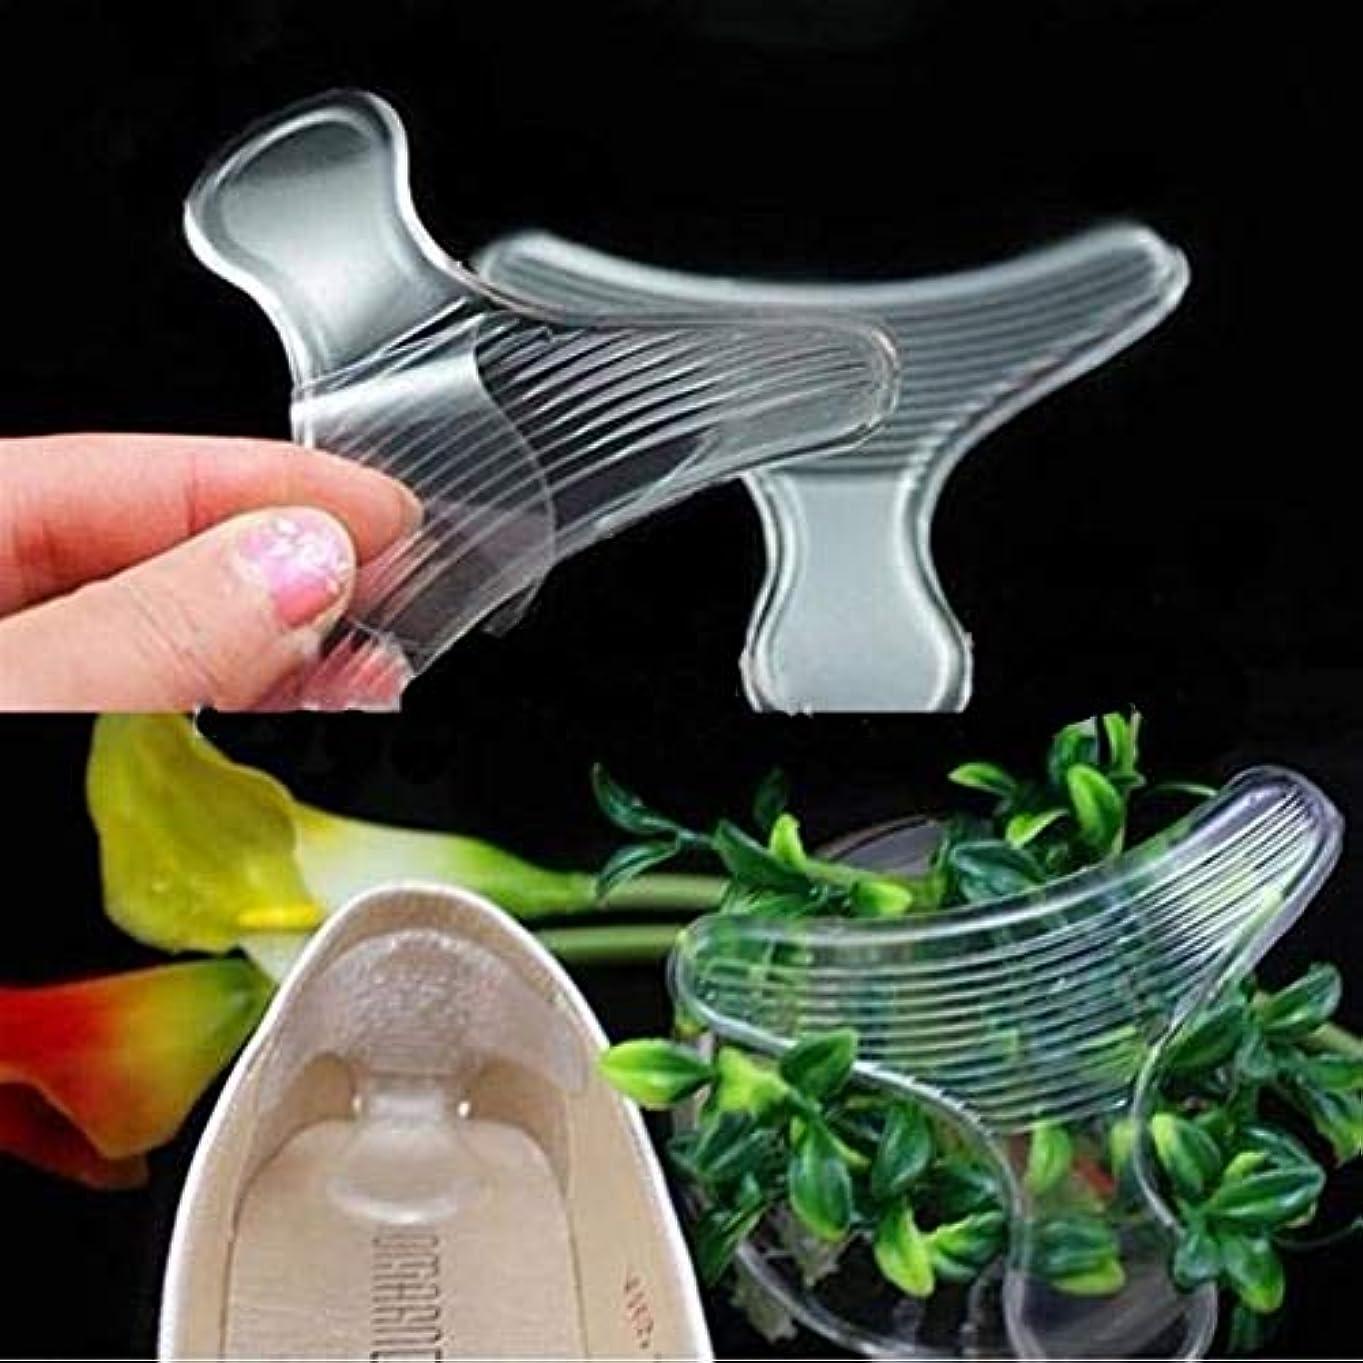 噛む変形フレッシュ目に見えないゲルパッド透明ノースリップハイヒールインソール Shangxiangtrade (Color : 1 Pairs)